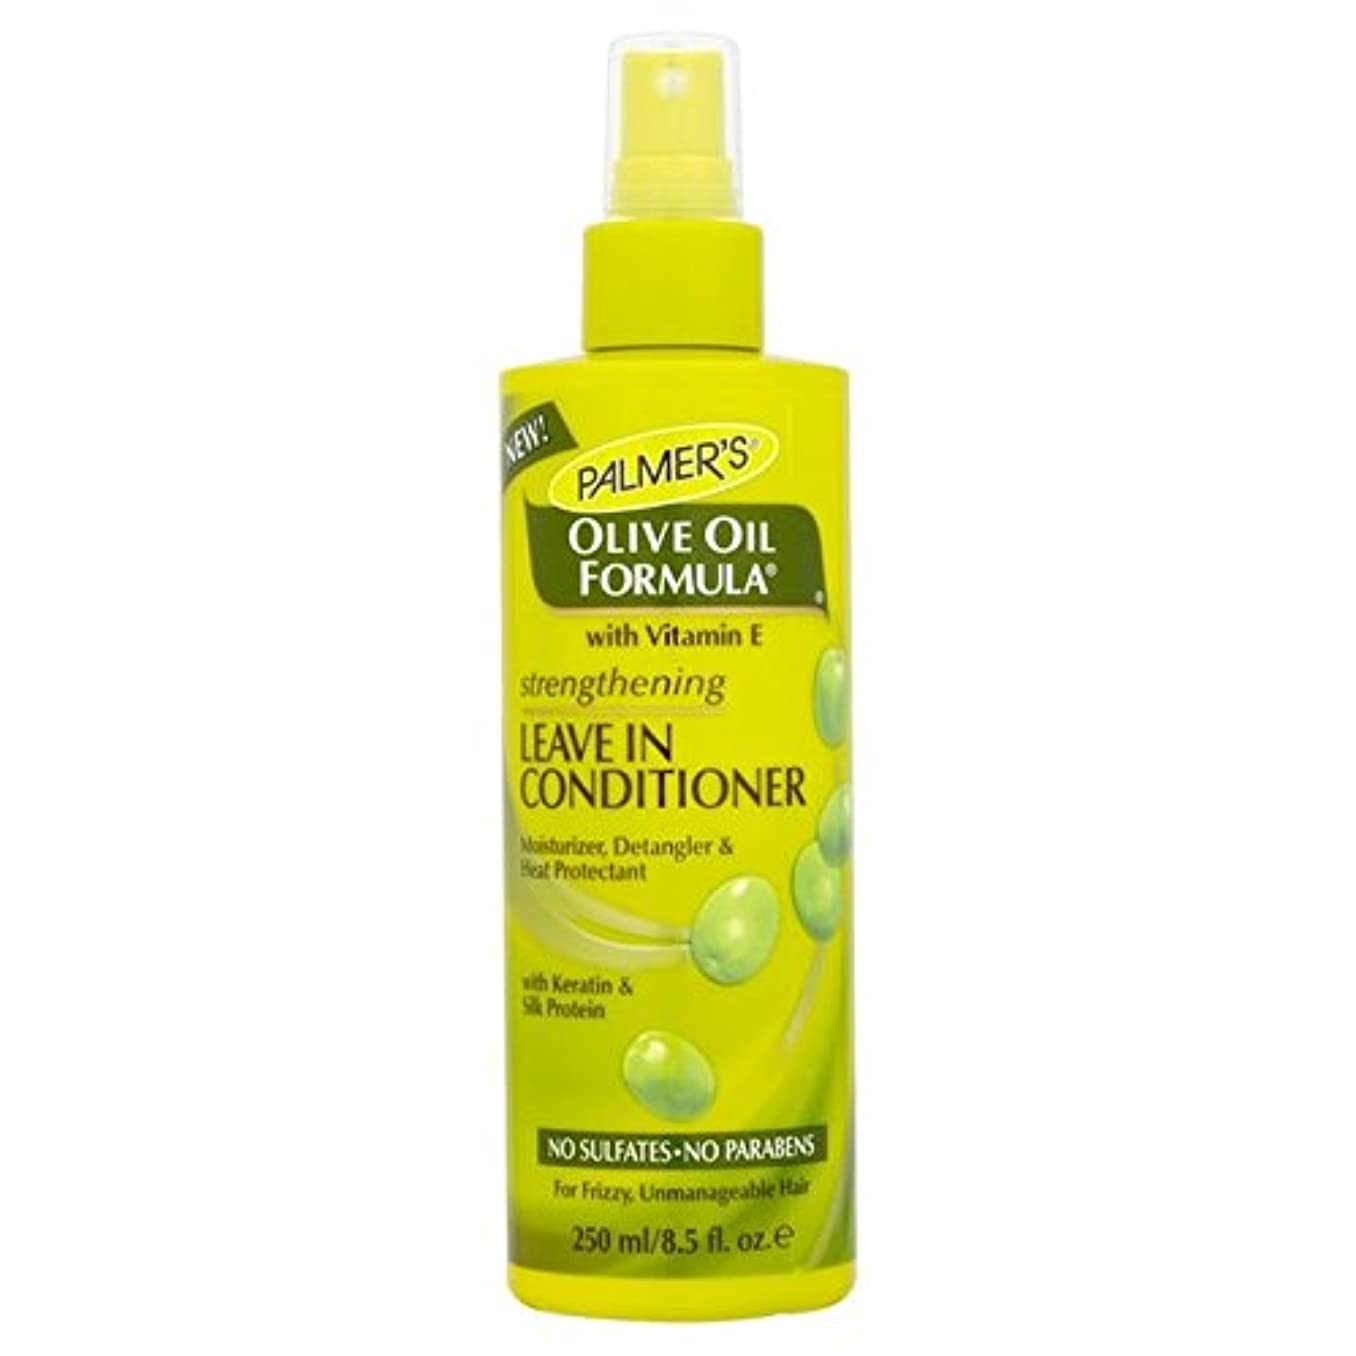 蒸留なめらか富豪Palmer's Olive Oil Formula Strengthening Leave-in Conditioner 250ml - リーブインコンディショナー250を強化パーマーのオリーブオイル式 [並行輸入品]